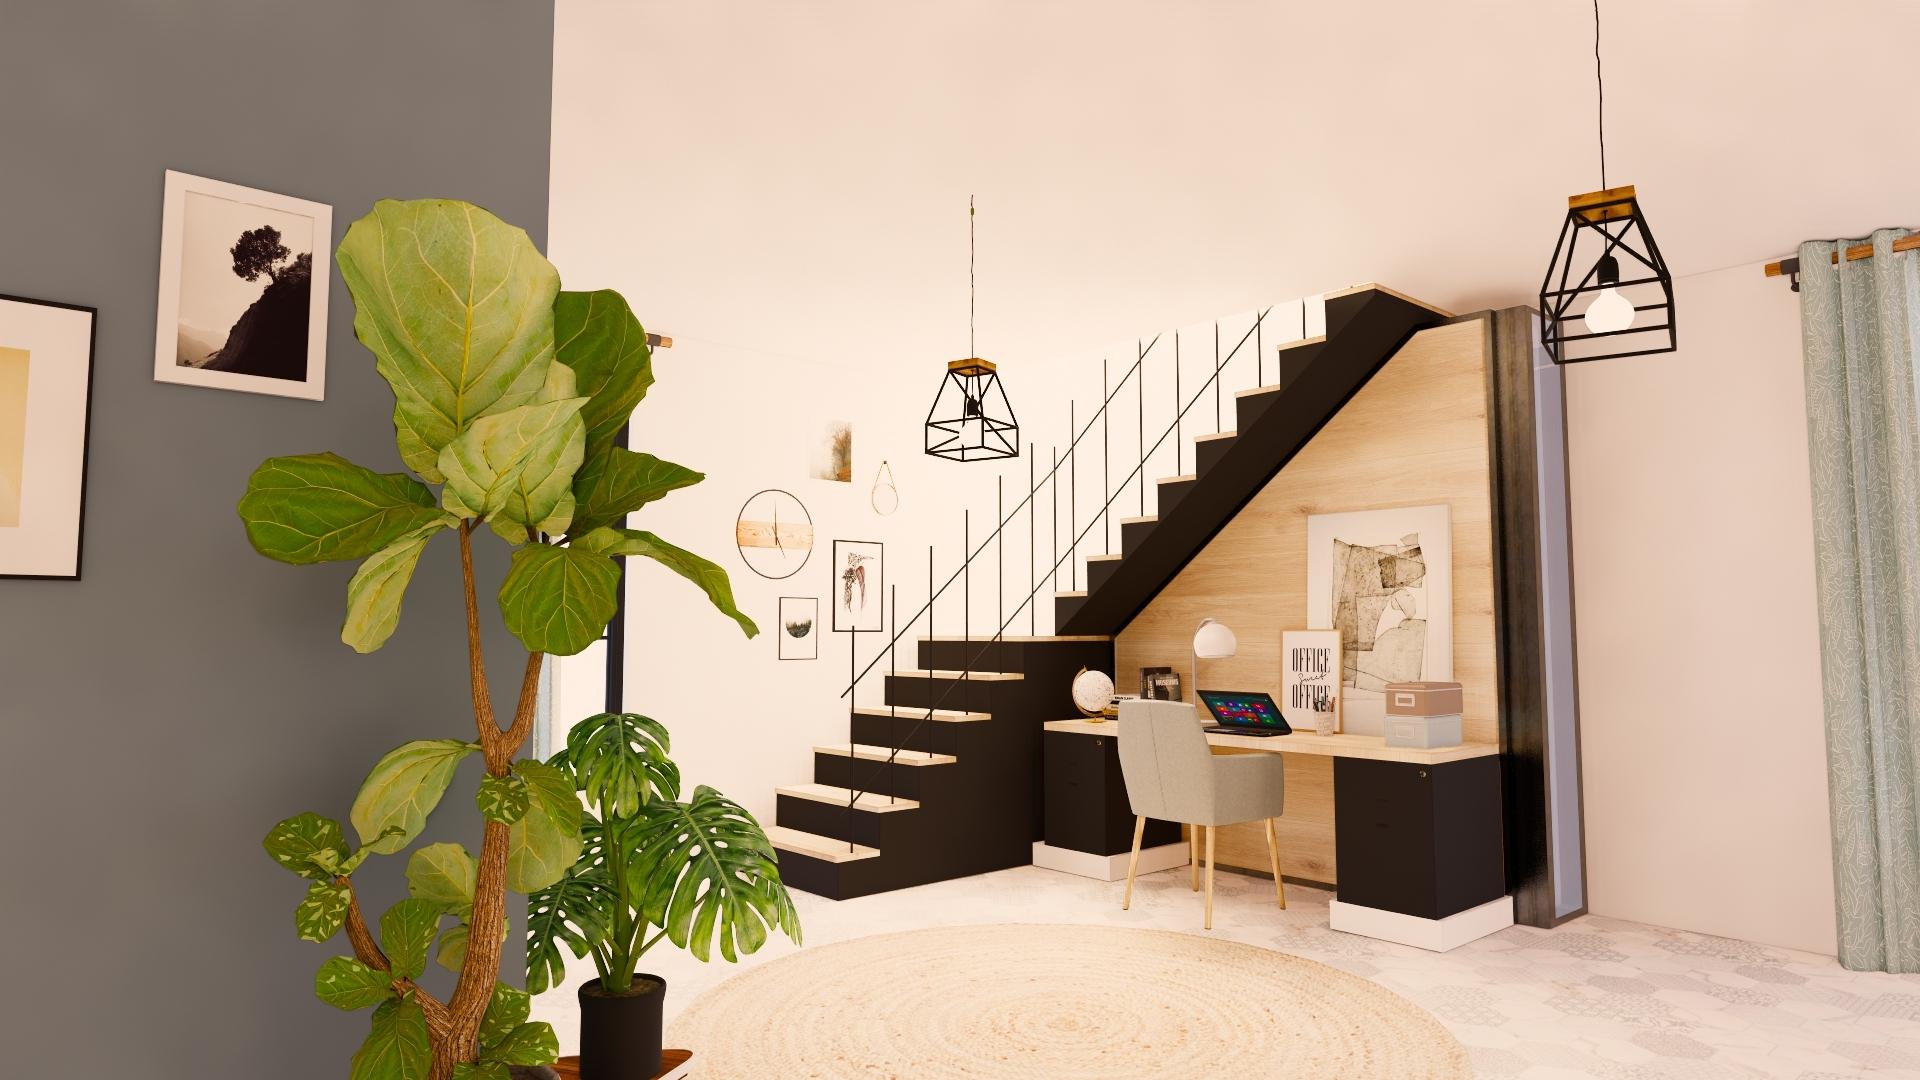 cloison-portefeuille-lit-sous-escalier-produit-designer-interieur-frederic-tabary